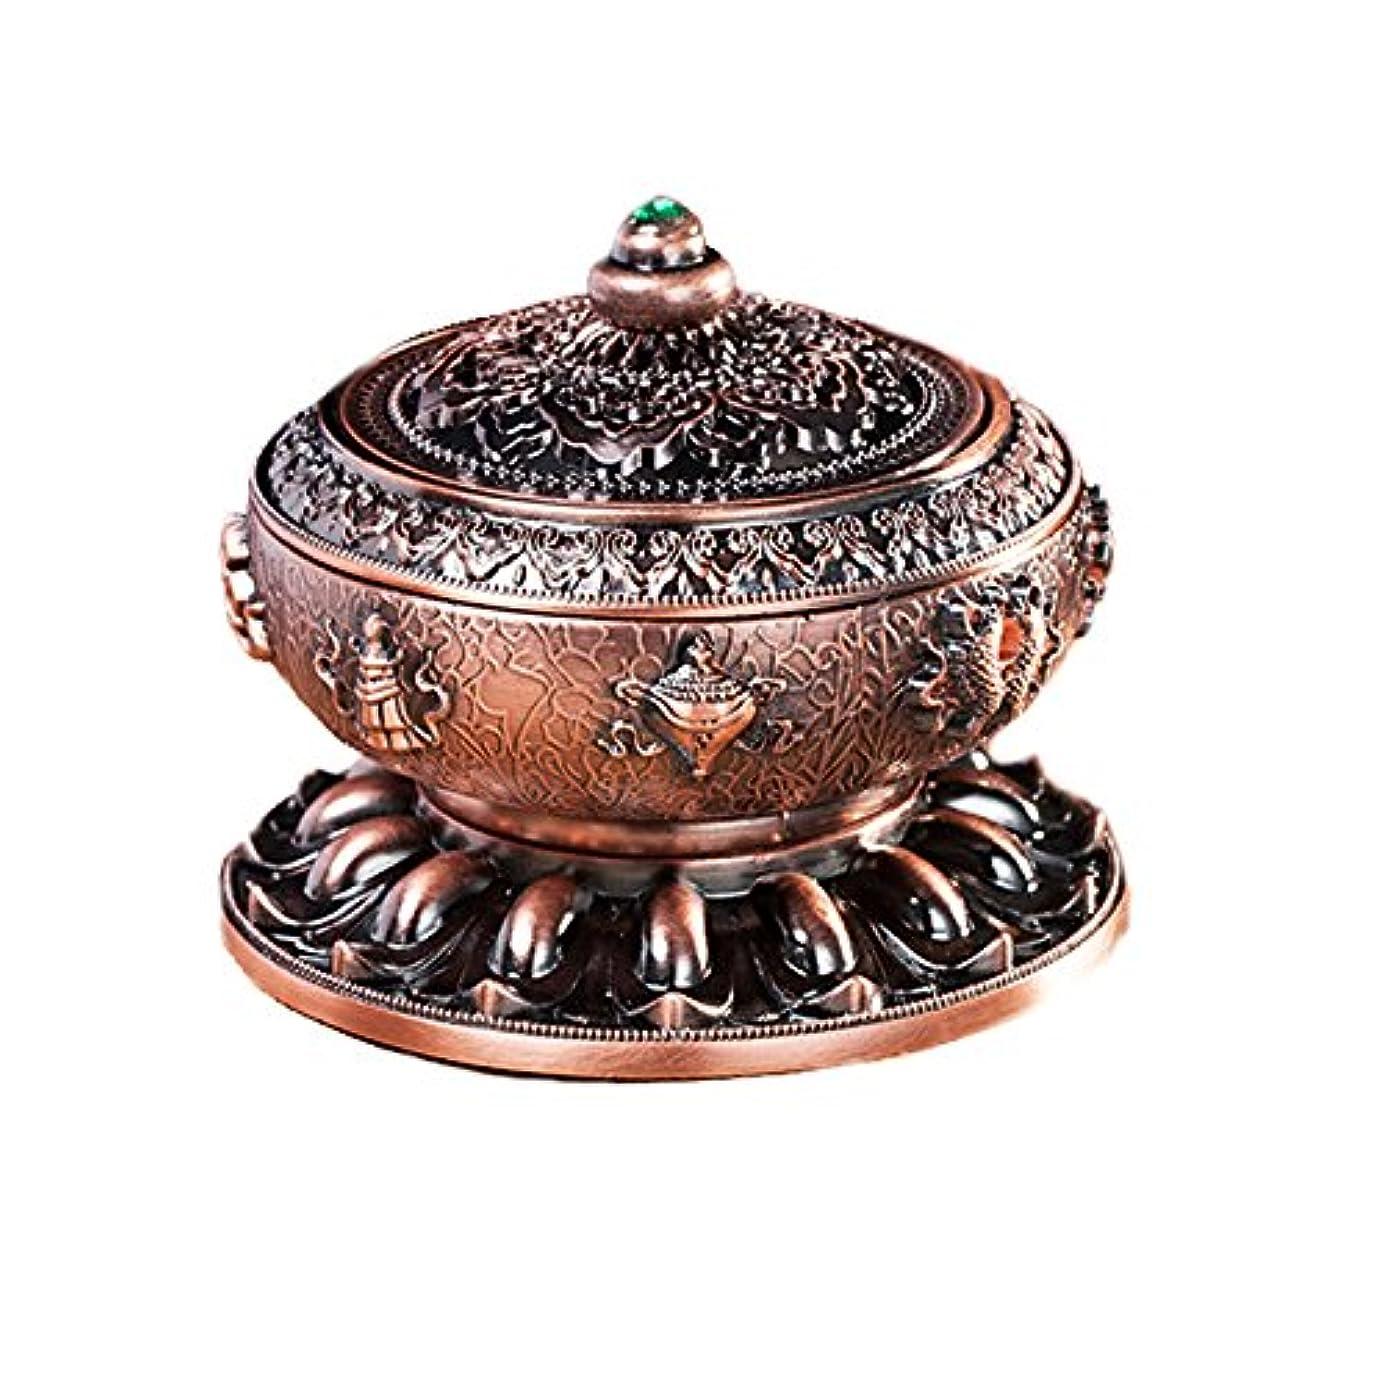 小間ポンド量でBUYSEEY 香炉 青銅 ブロンズ 丸香炉 お香立て 渦巻き線香 などに 香立て付き アロマ (M)